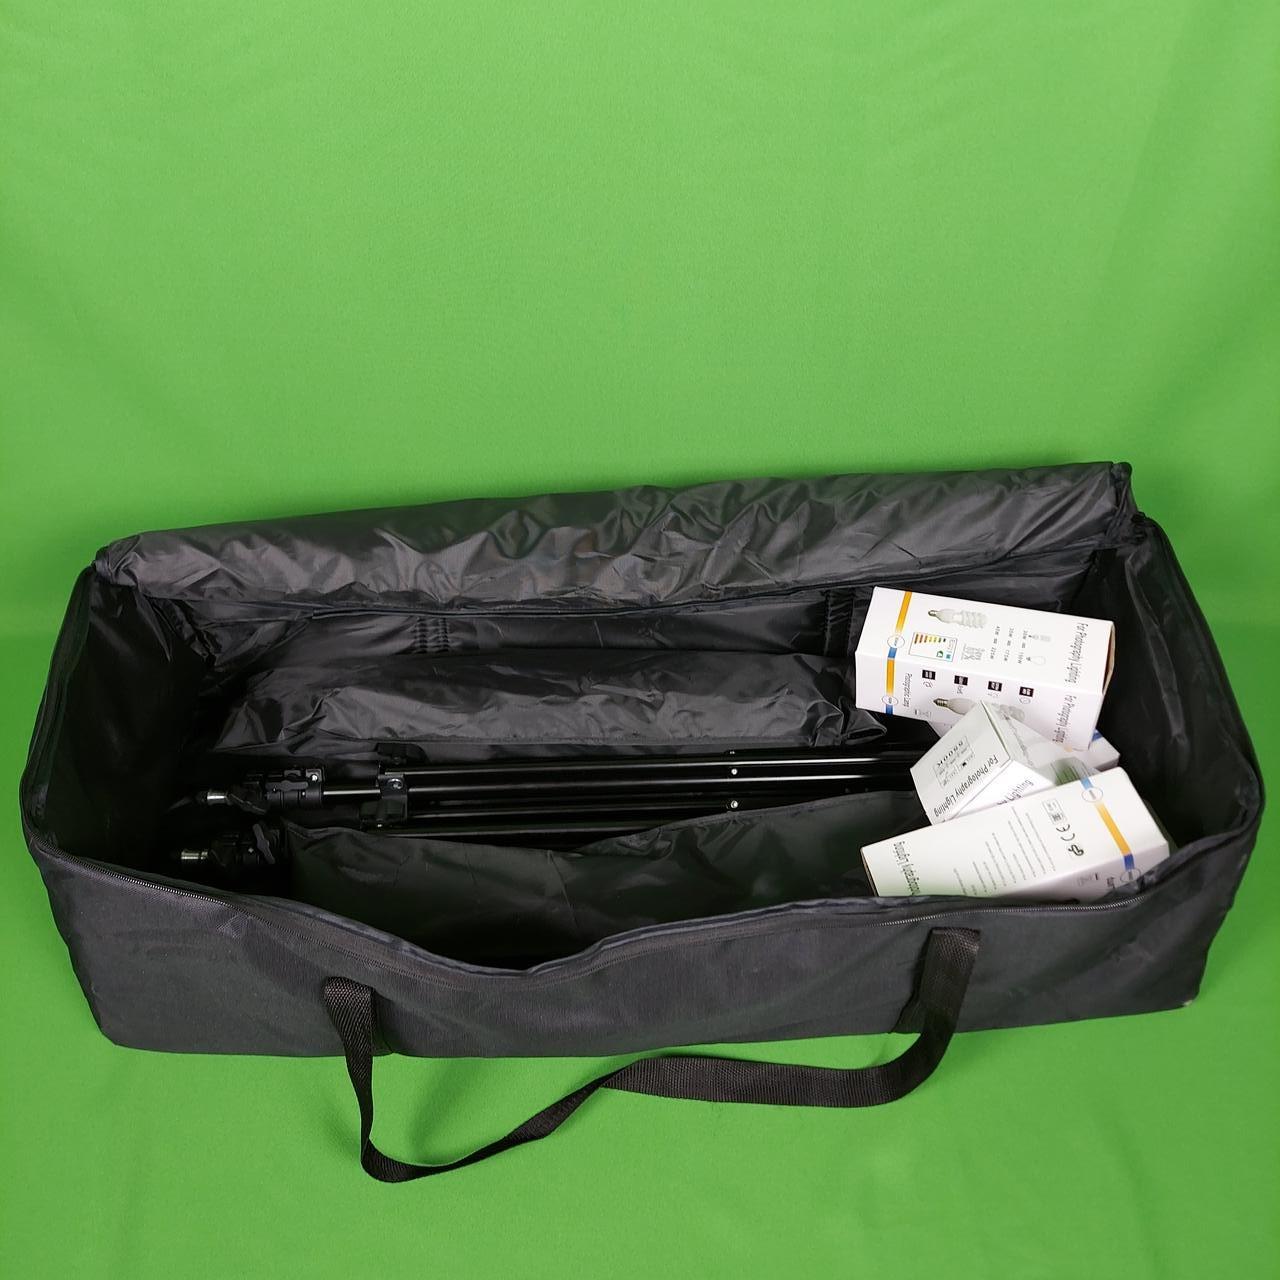 Большая сумка для студийного оборудования стоек и софтбоксов и фото видео инвентаря